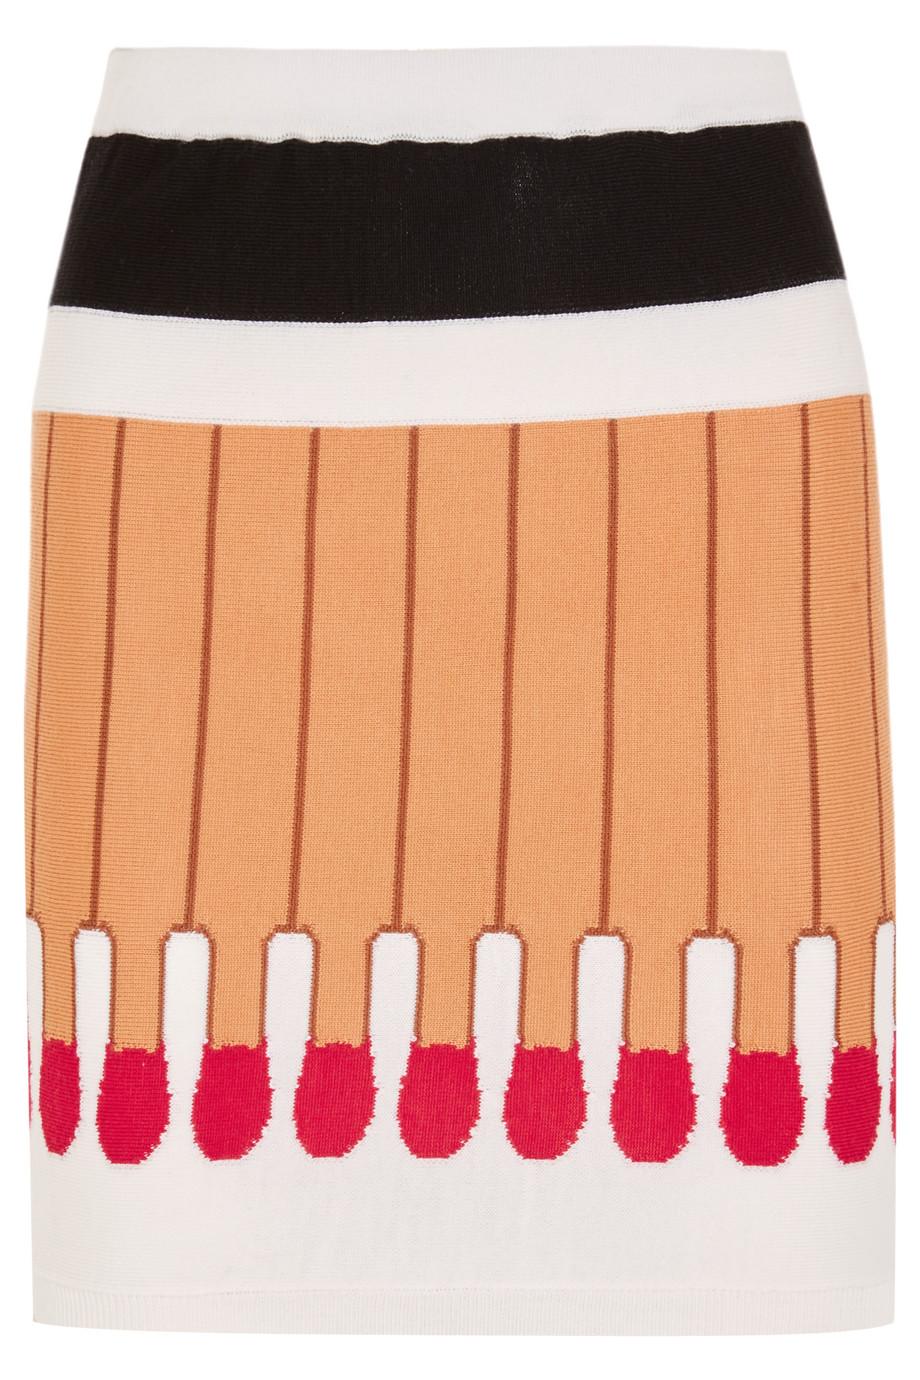 Moschino Intarsia Wool Mini Skirt, Beige/Red, Women's, Size: 38